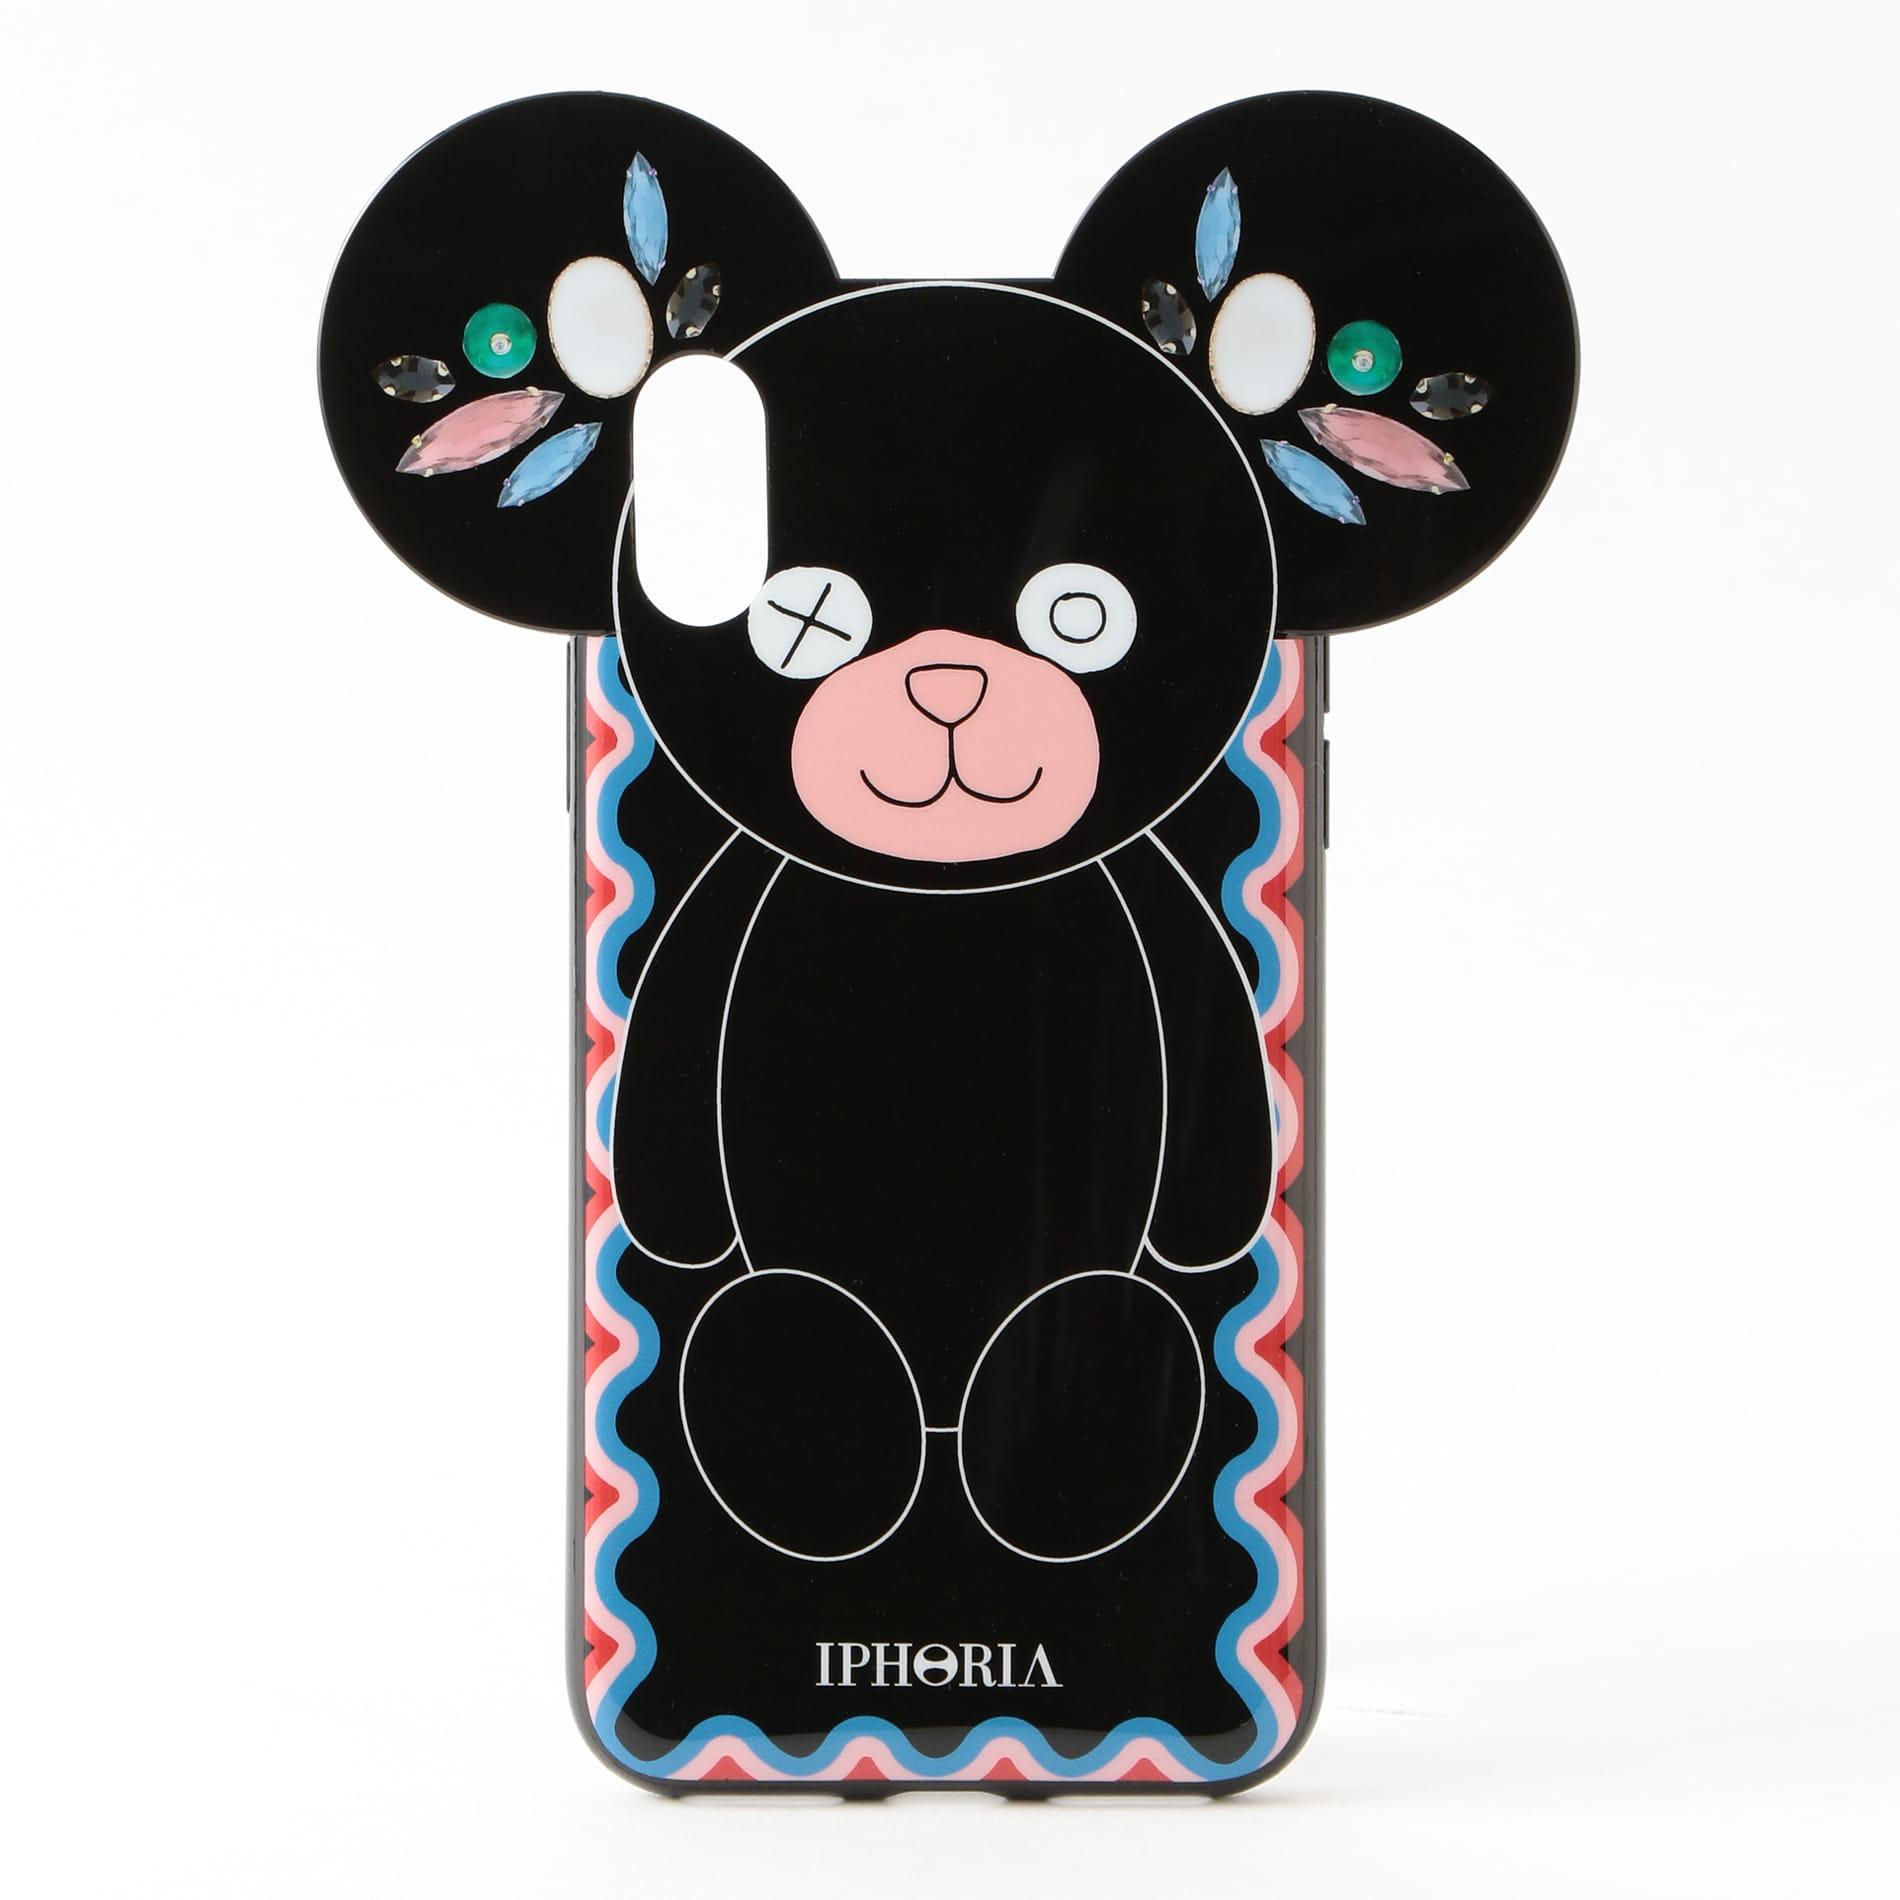 〈タイムセール〉【IPHORIA】iPhoneケース(iPhoneX/XS対応) -Teddy Black-